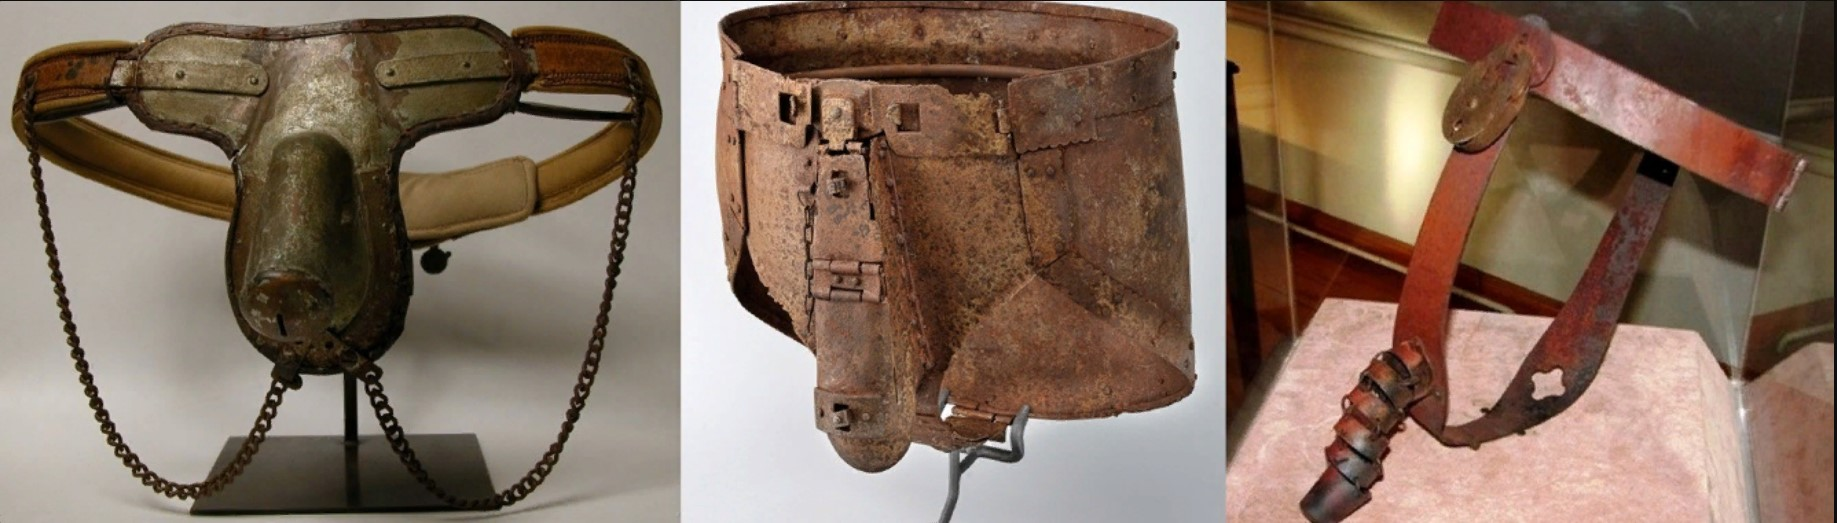 пряжки пояса вености в средневековье